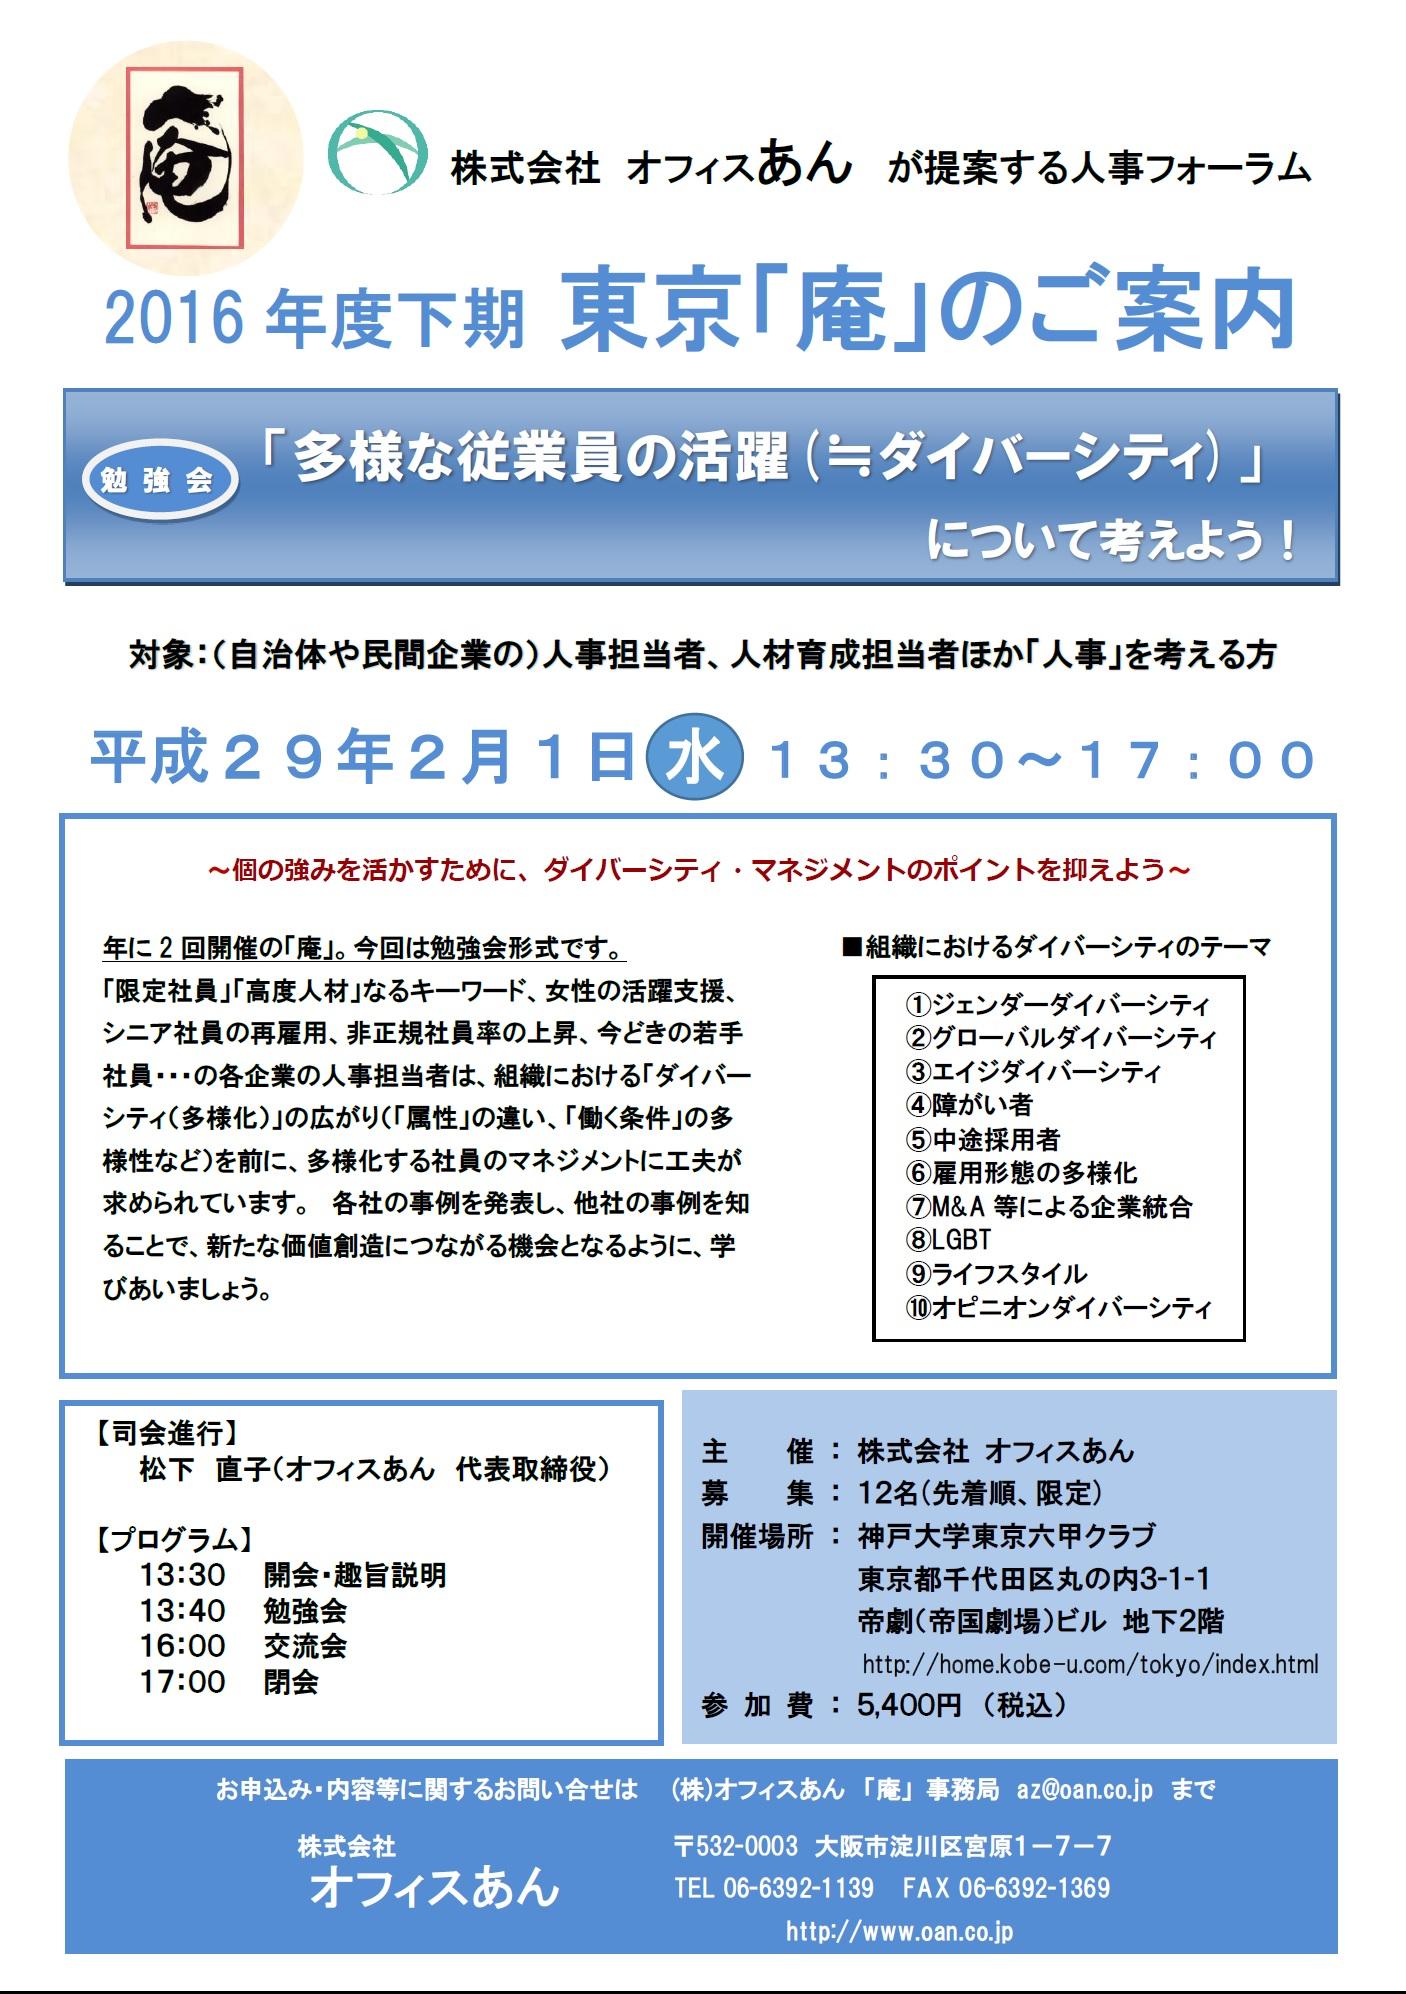 第2回2016年度 東京「庵」セミナー「多様な従業員の活躍(≒ダイバーシティ)」について考えよう!